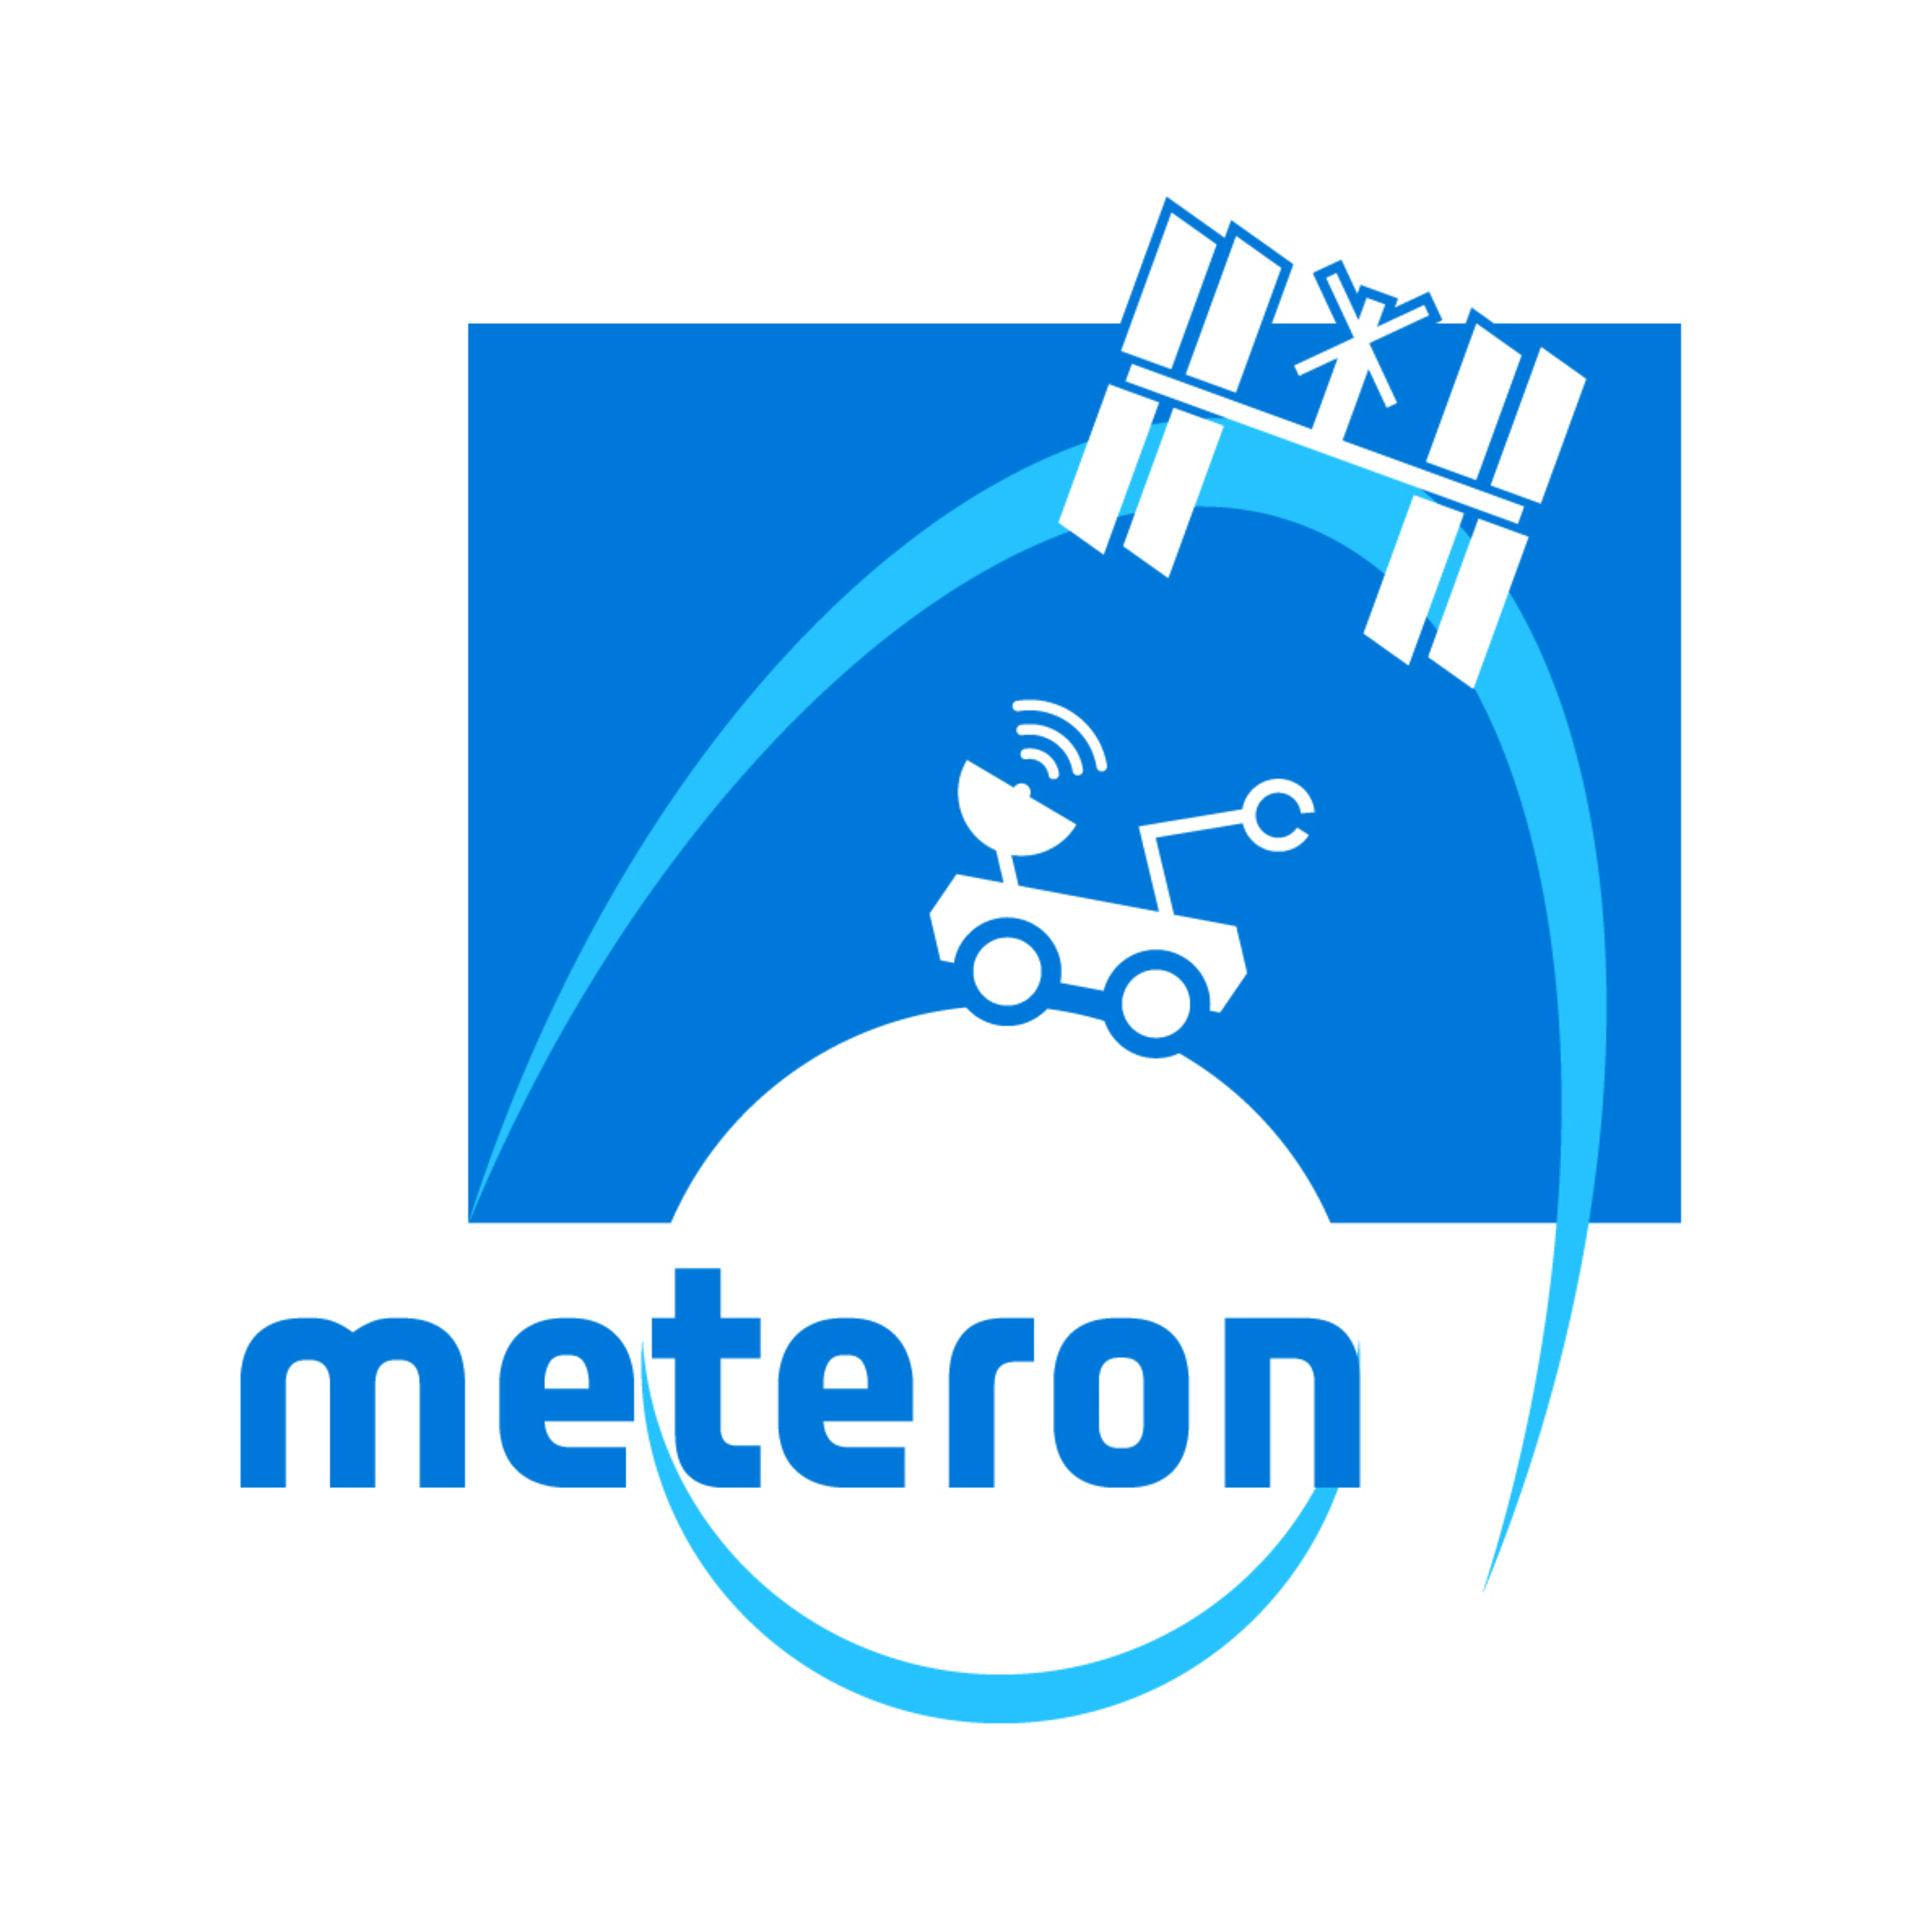 Télécommande d'un robot explorateur par un astronaute en orbite Meteron_logo_pillars